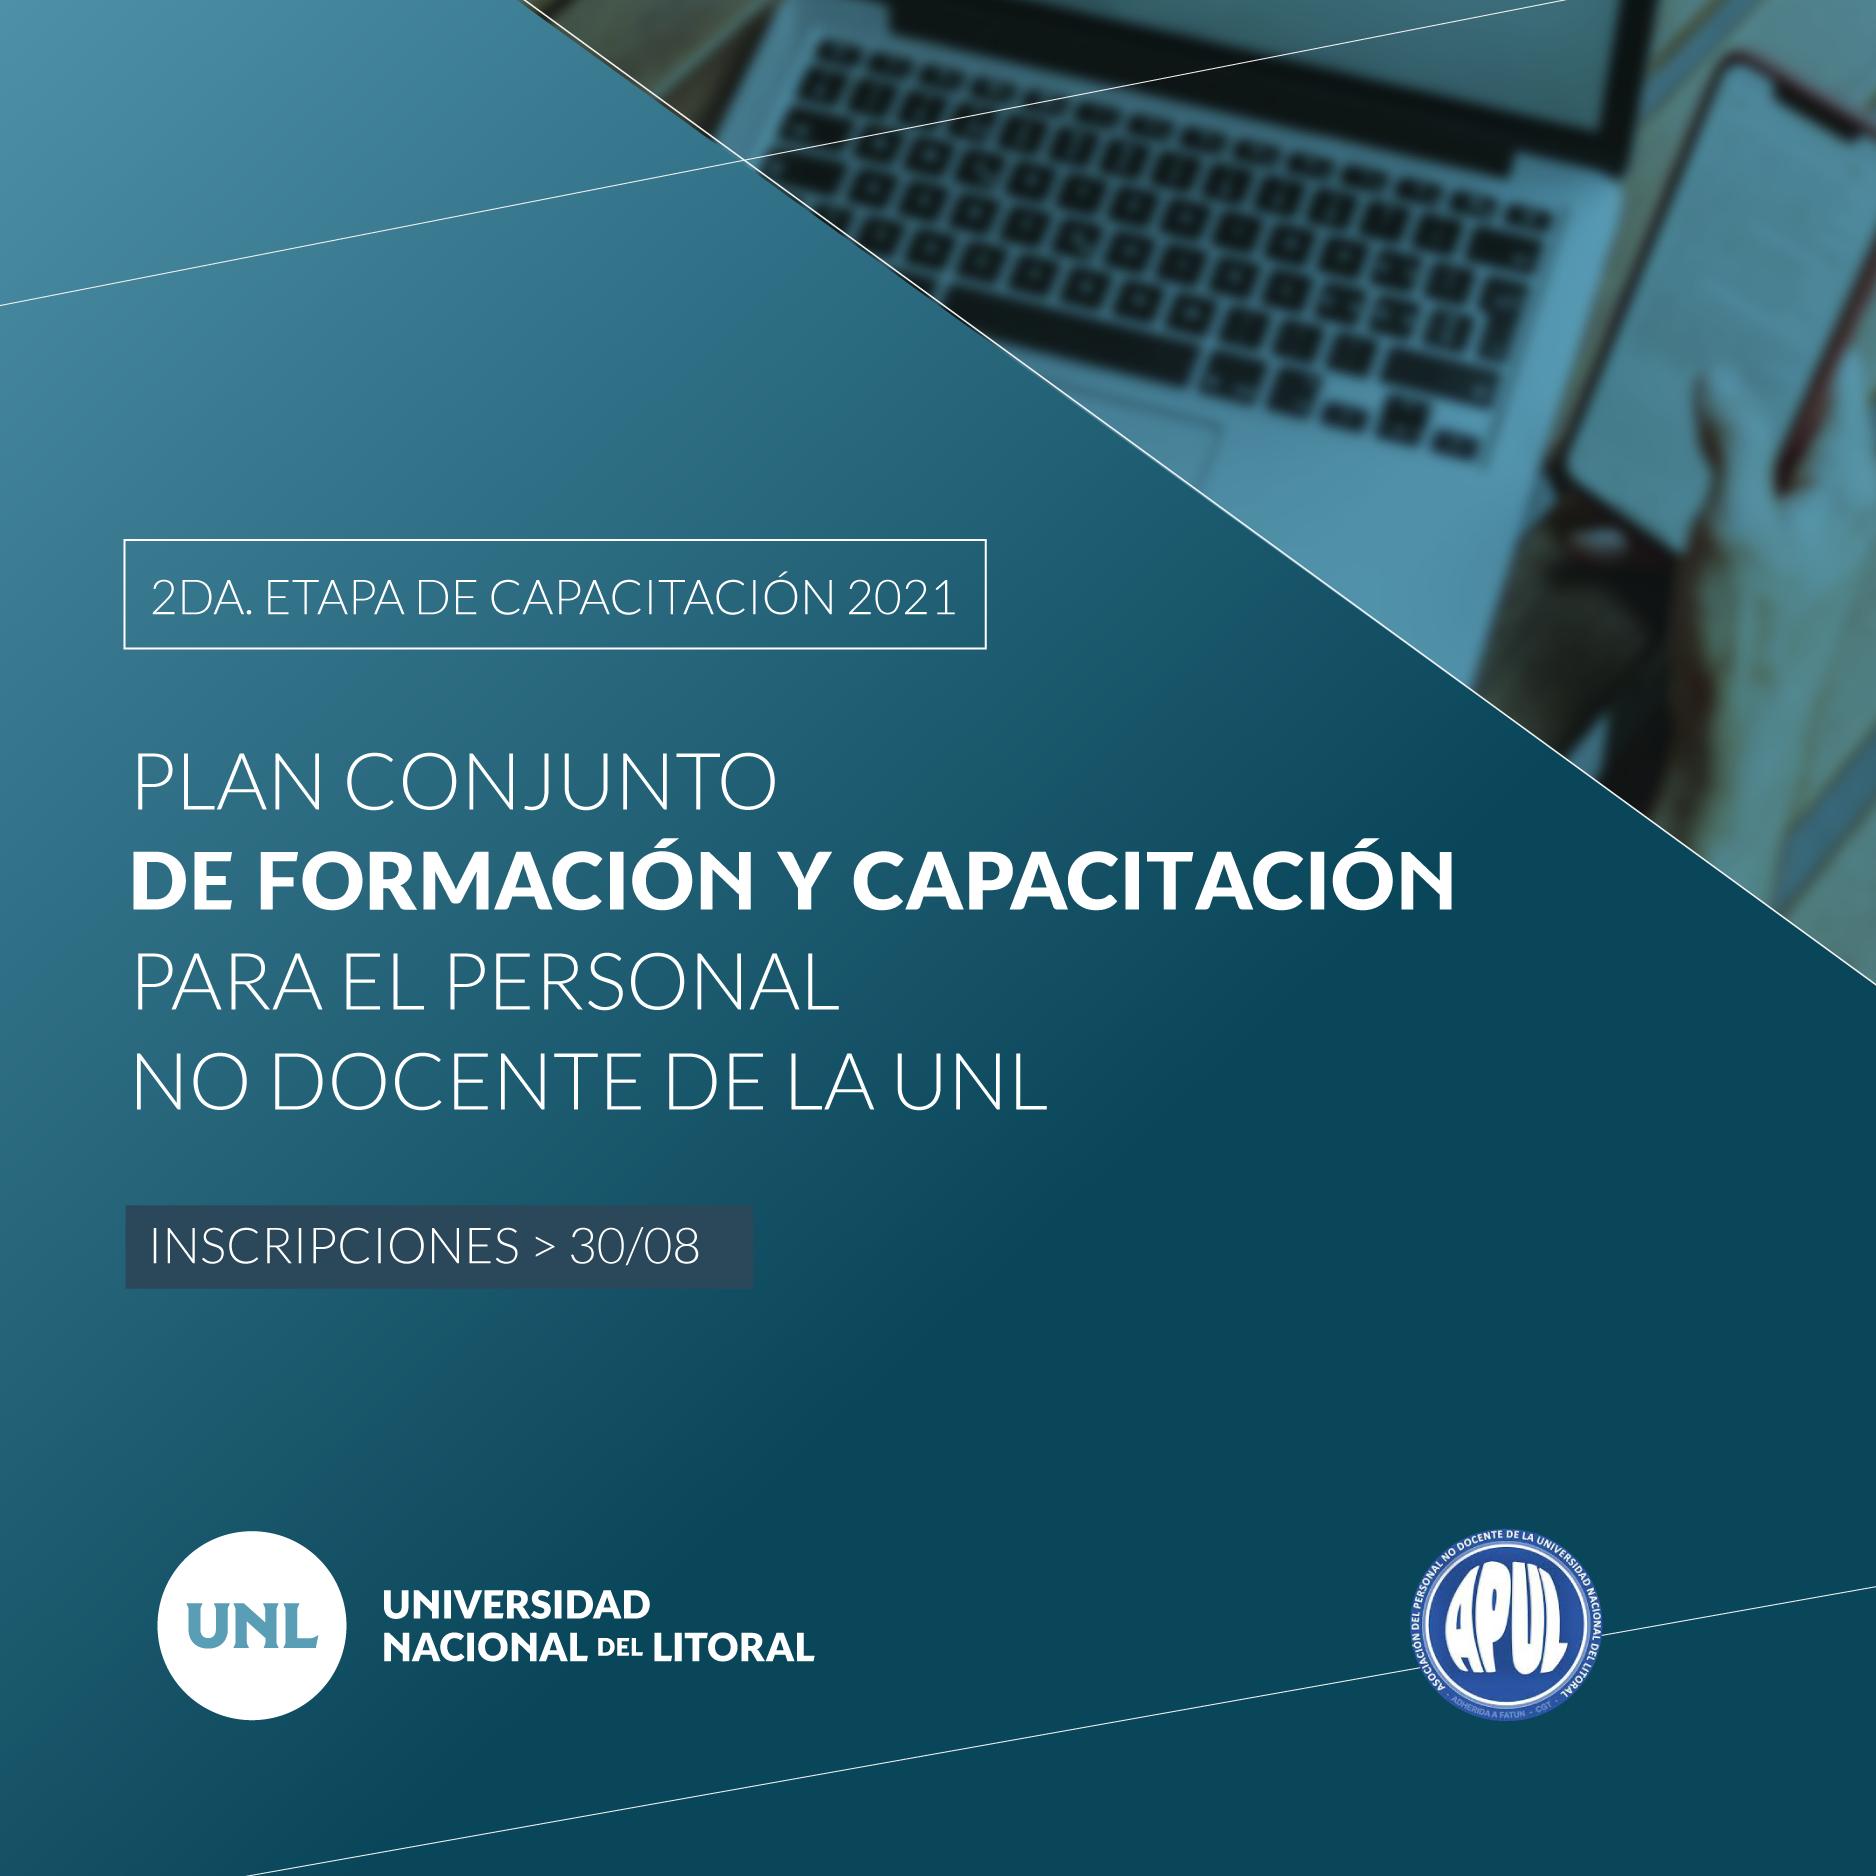 CAPACITACION APUL feed-01